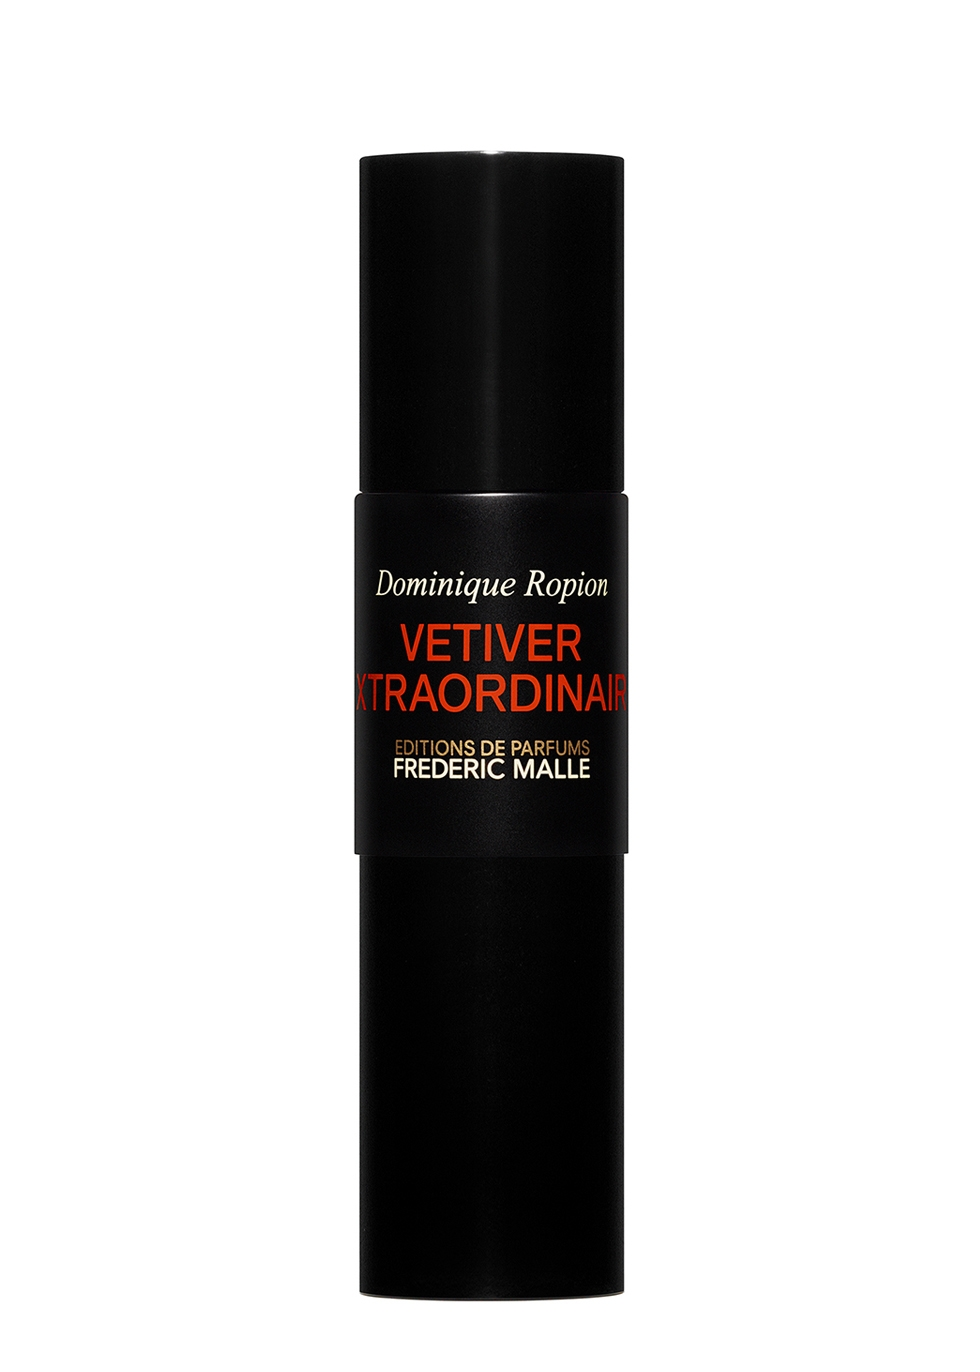 Vétiver Extraordinaire Eau De Parfum 30ml